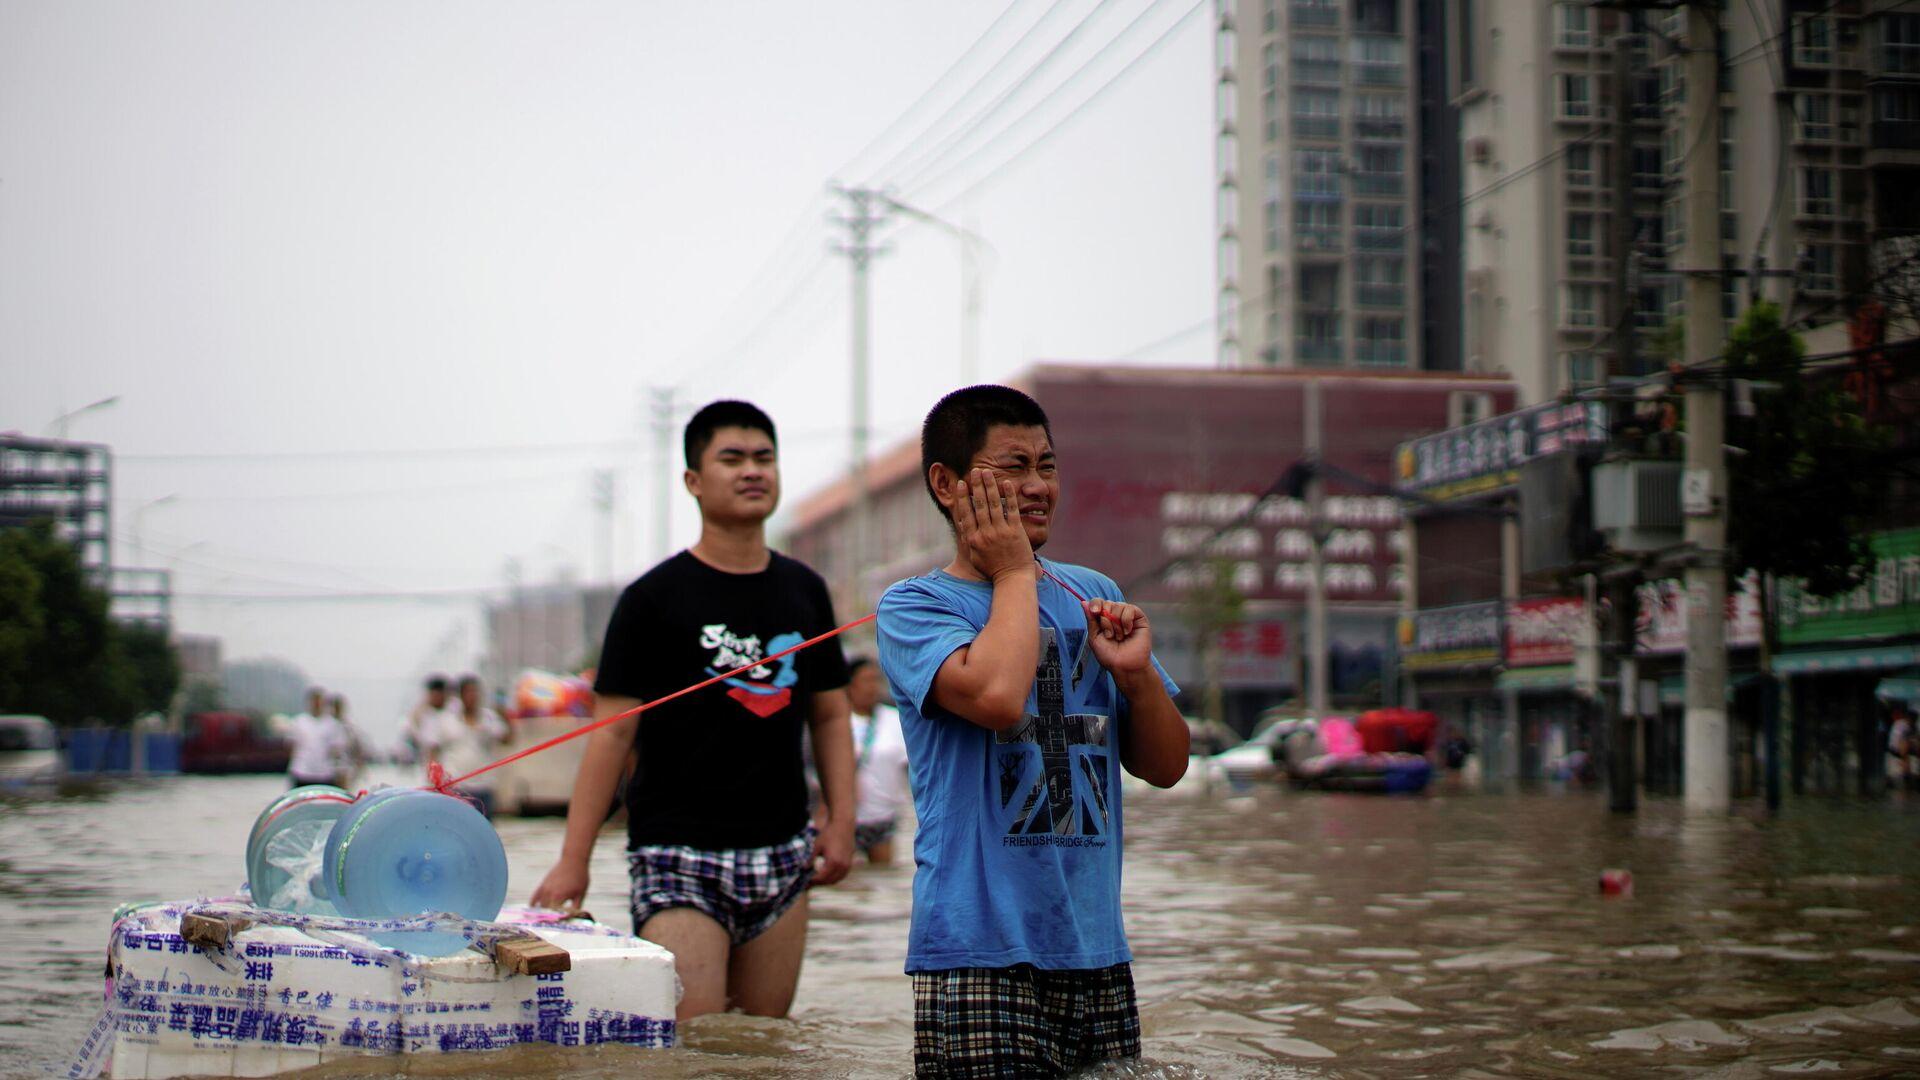 Überschwemmung in China  - SNA, 1920, 23.07.2021